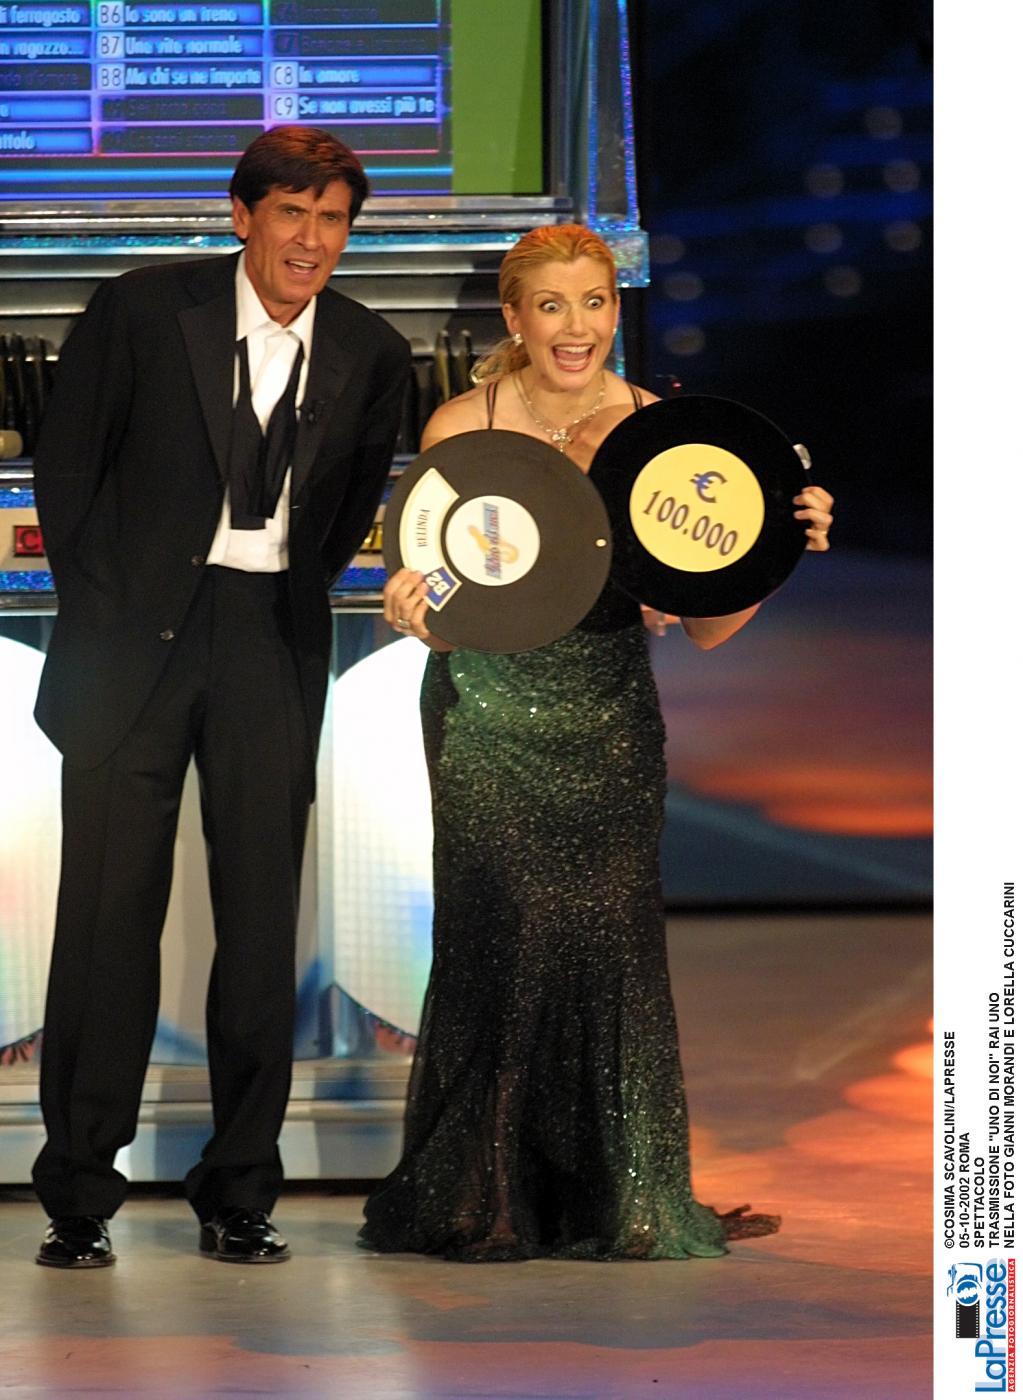 Lorella Cuccarini compie 50 anni: Pippo Baudo la volle a Fantastico12